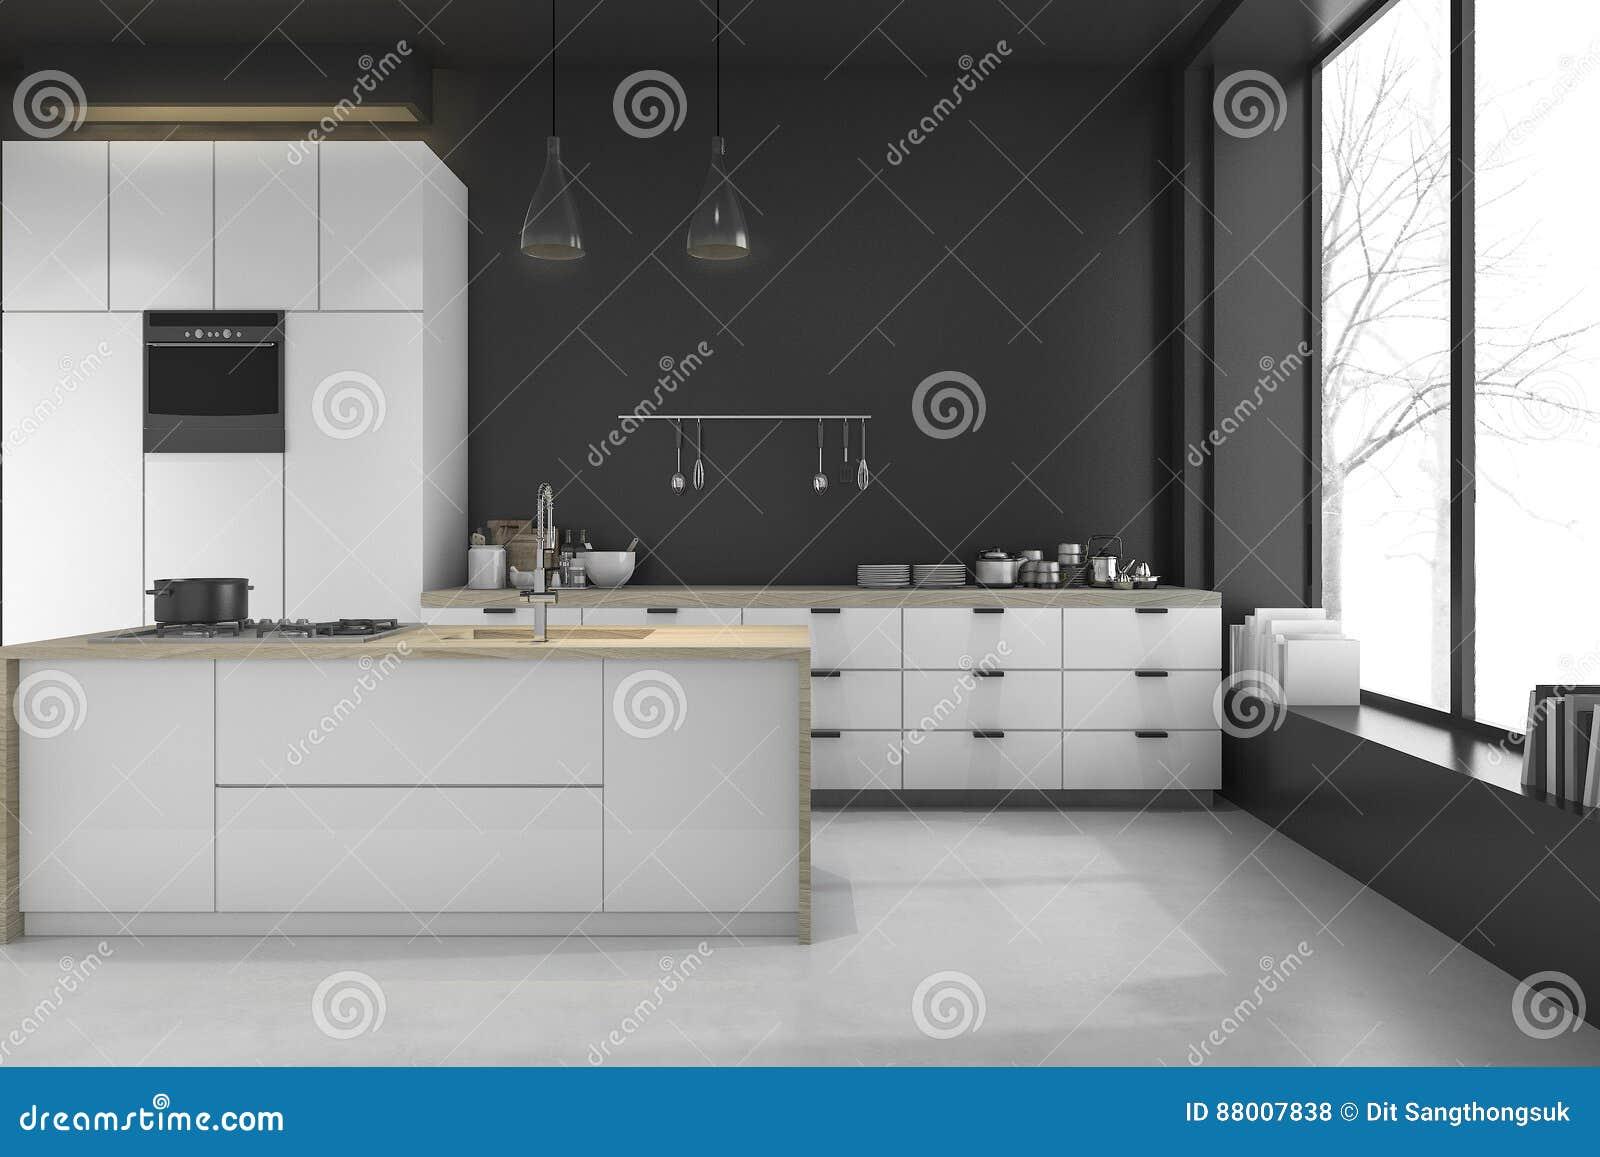 Moderne Zwarte Keuken : 3d het teruggeven moderne zolder zwarte keuken en eetkamer in de